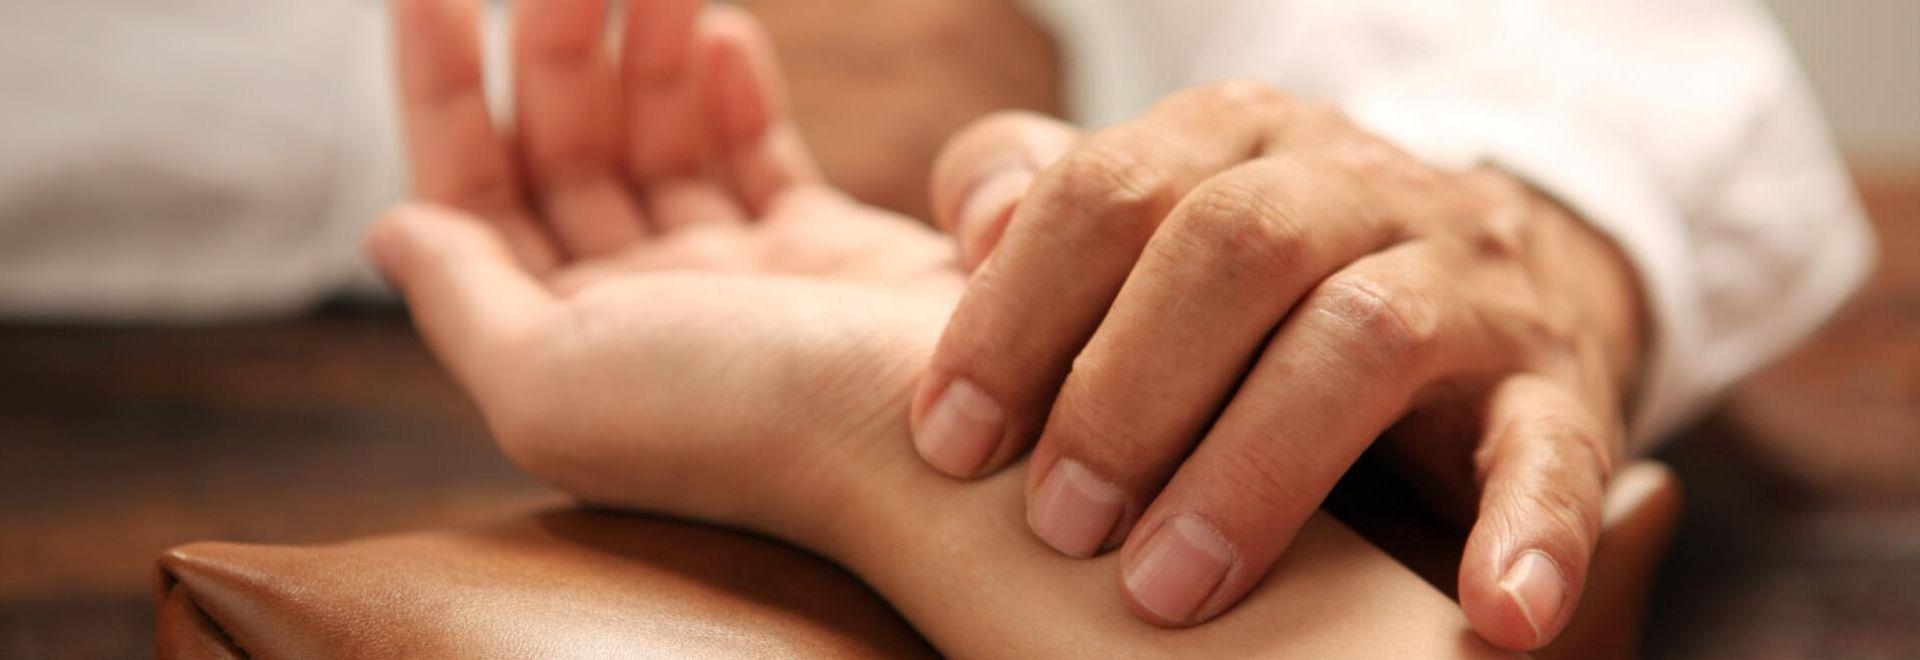 Drucktechnik und andere Griffarten der manuellen Therapie schulen